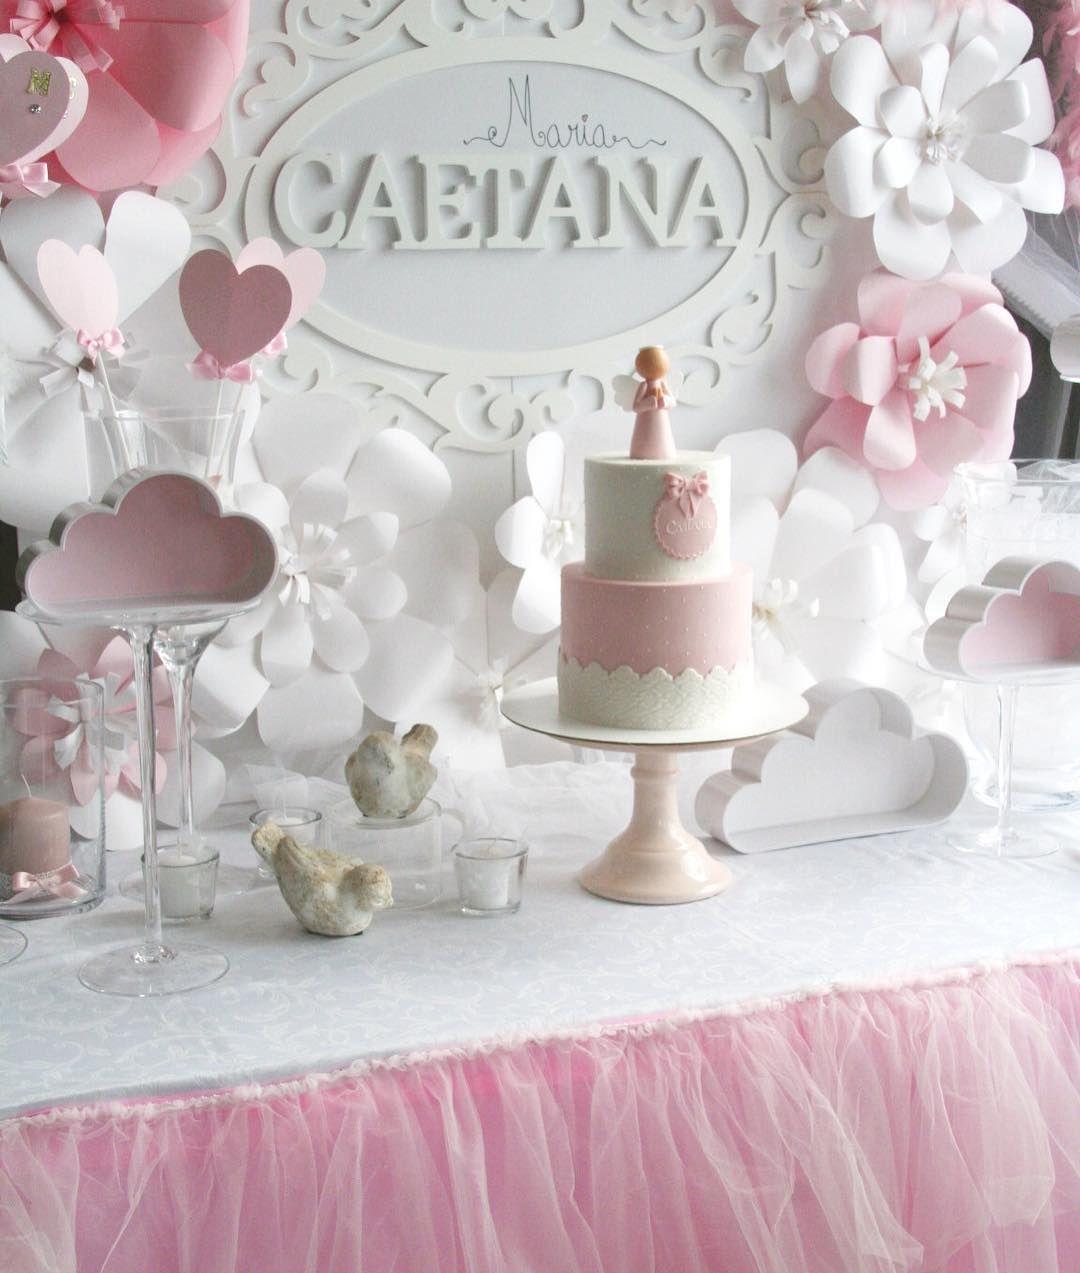 Os bolos nas mesas são outra história... E que mesa 🙌🏻 #flordetalco  Obrigada pela partilha 😘